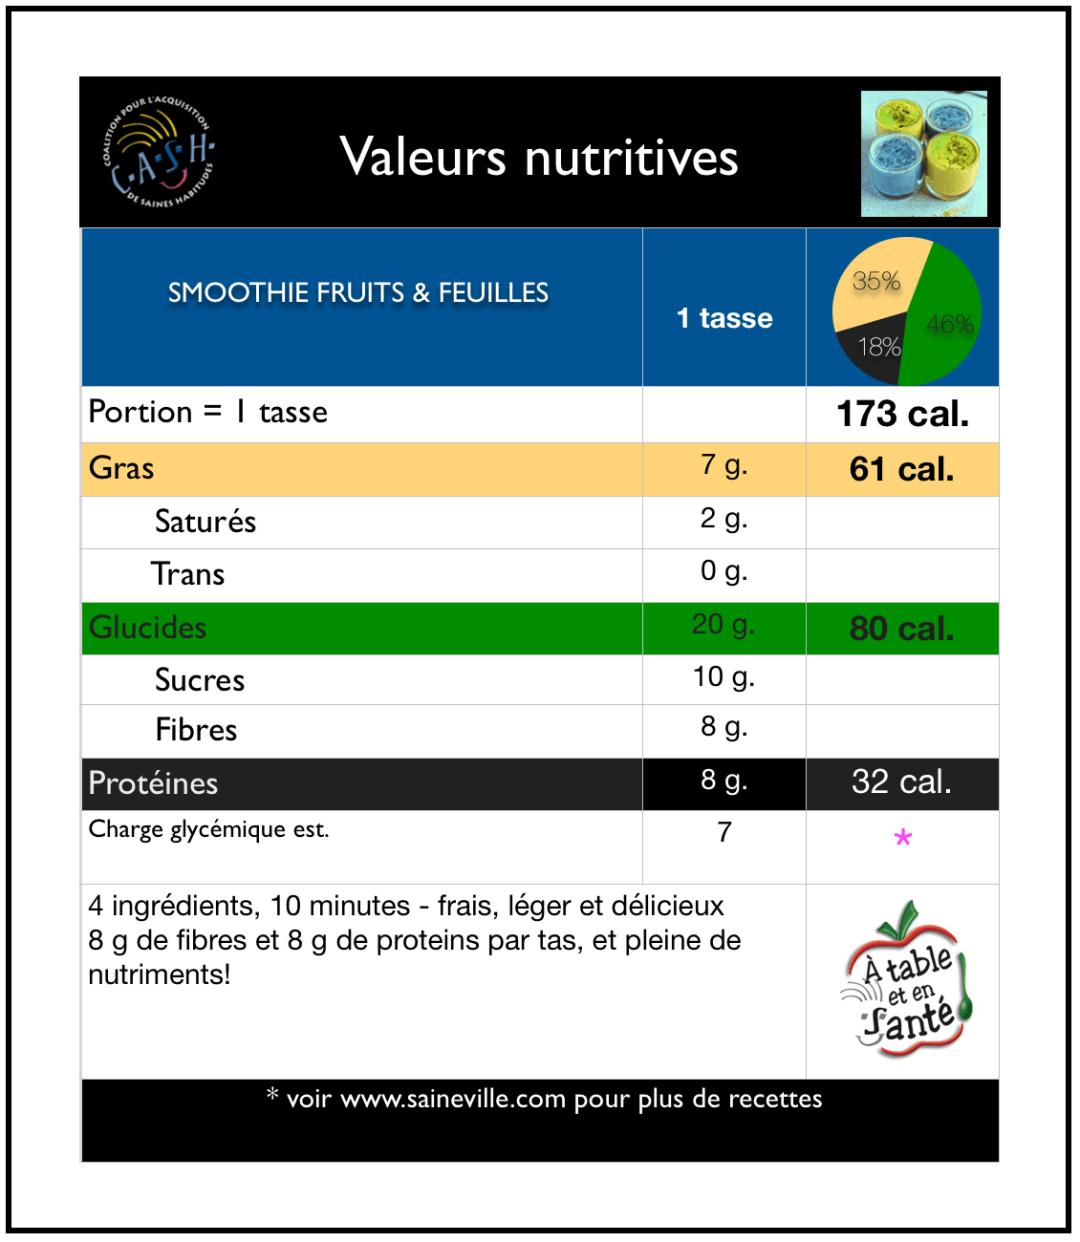 Valeurs Nut - Smoothie Fruits et Feuilles